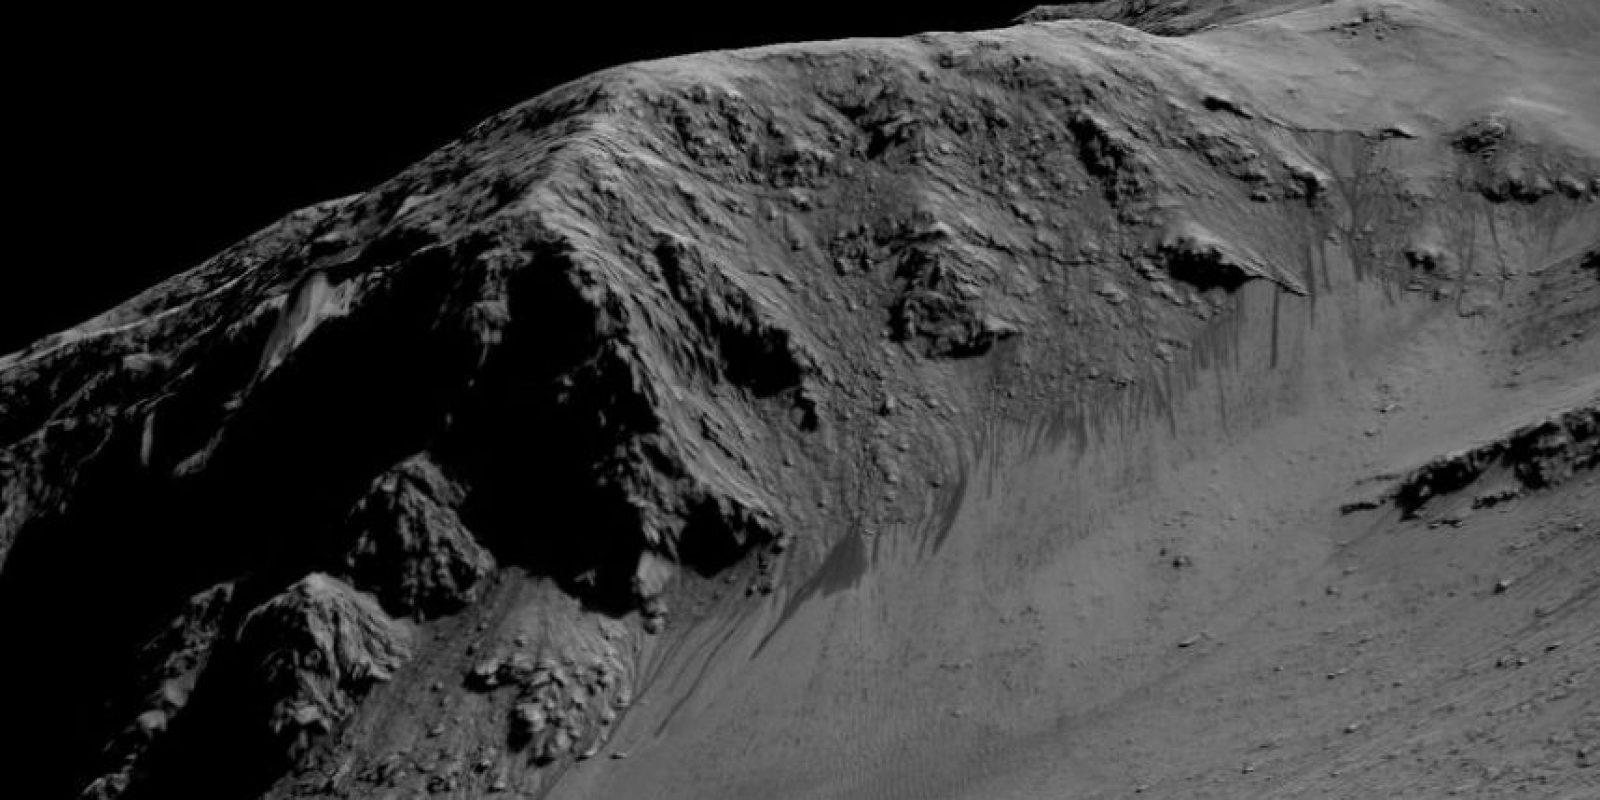 Los científicos están seguros que alguna vez existió vida en Marte Foto:nasa.gov